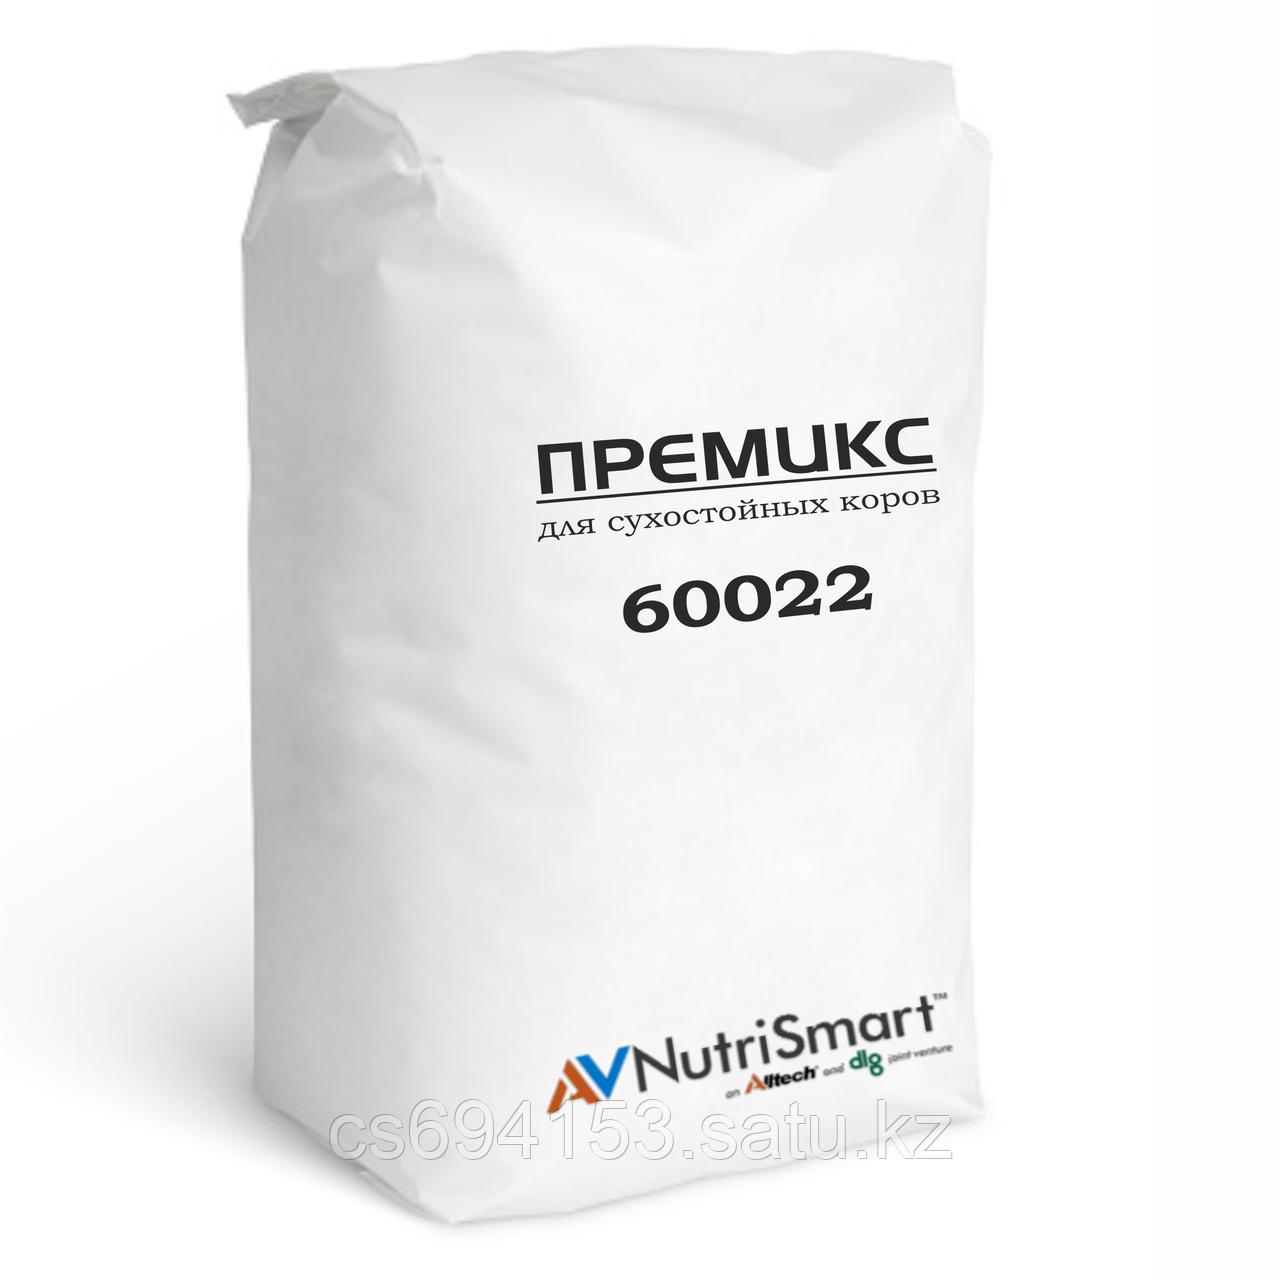 Премикс для сухостойных коров, 50% органика, 50% неорганика (60022-1.0)